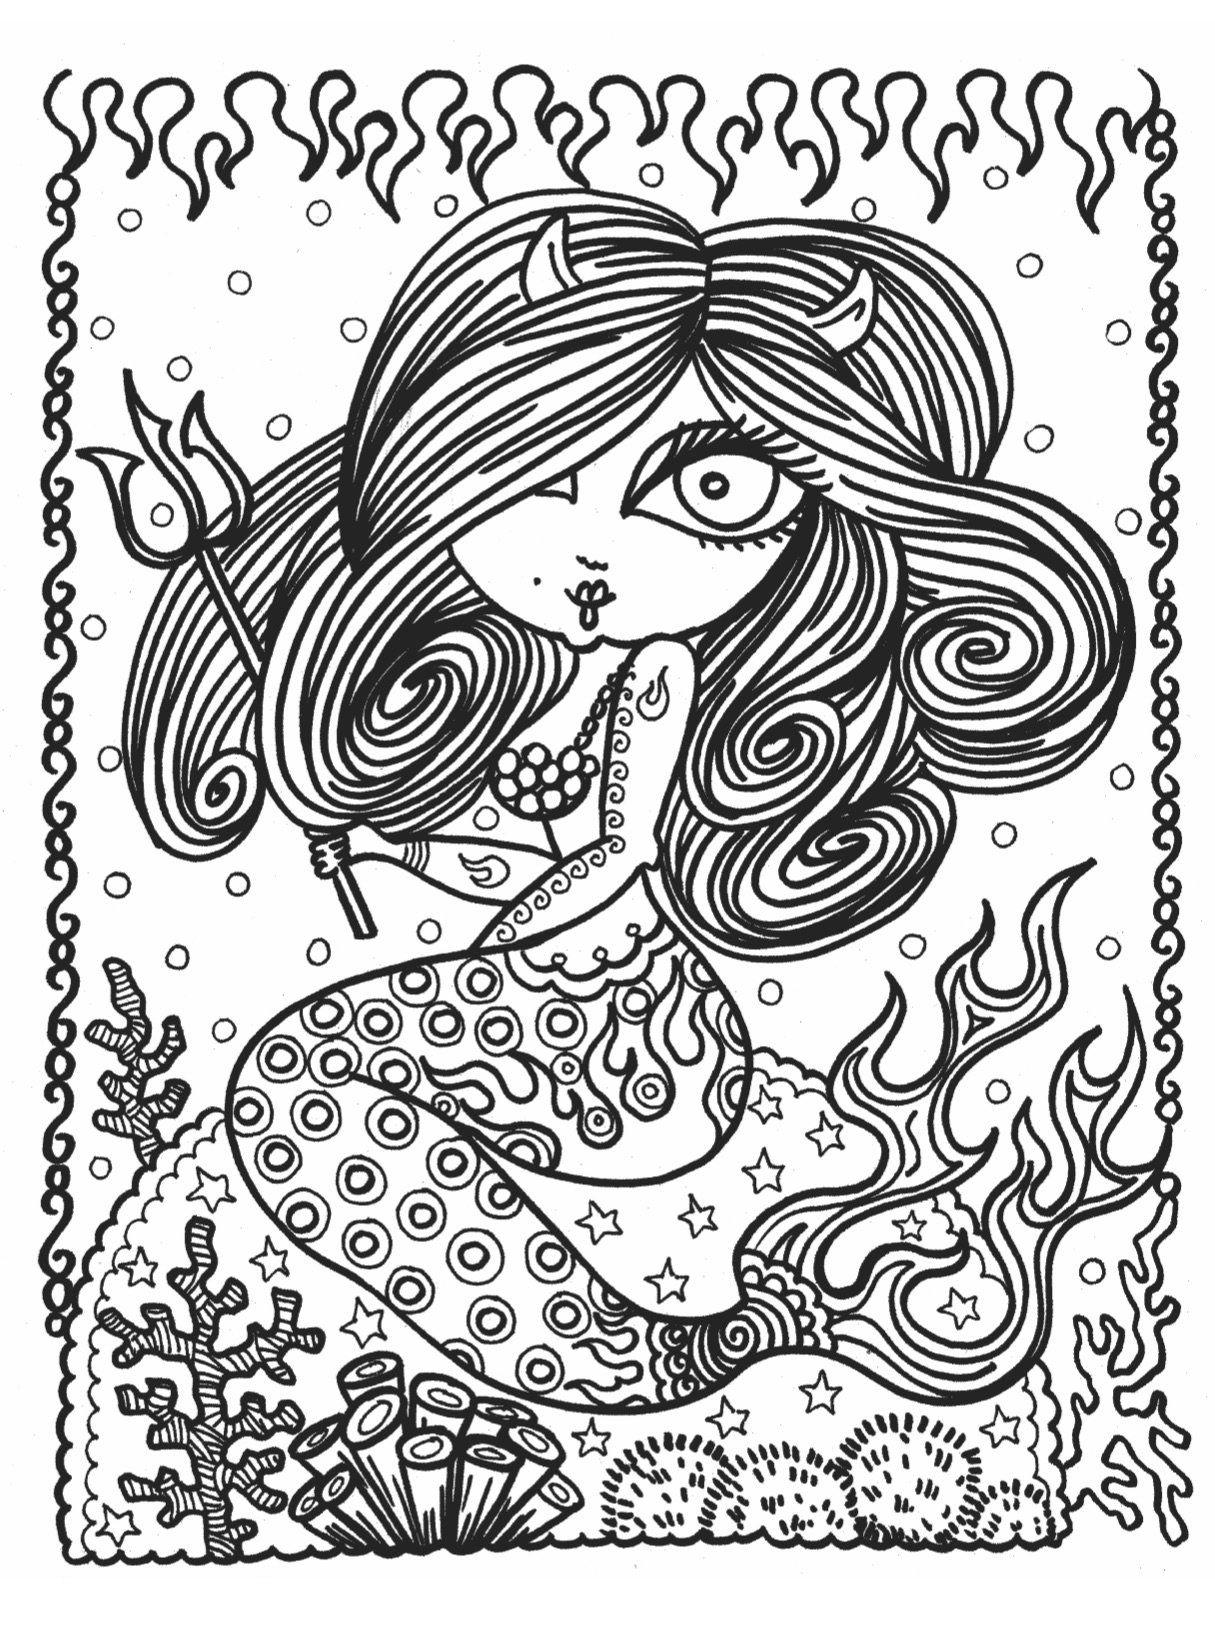 Mermaid Wonders A Mindful Coloring